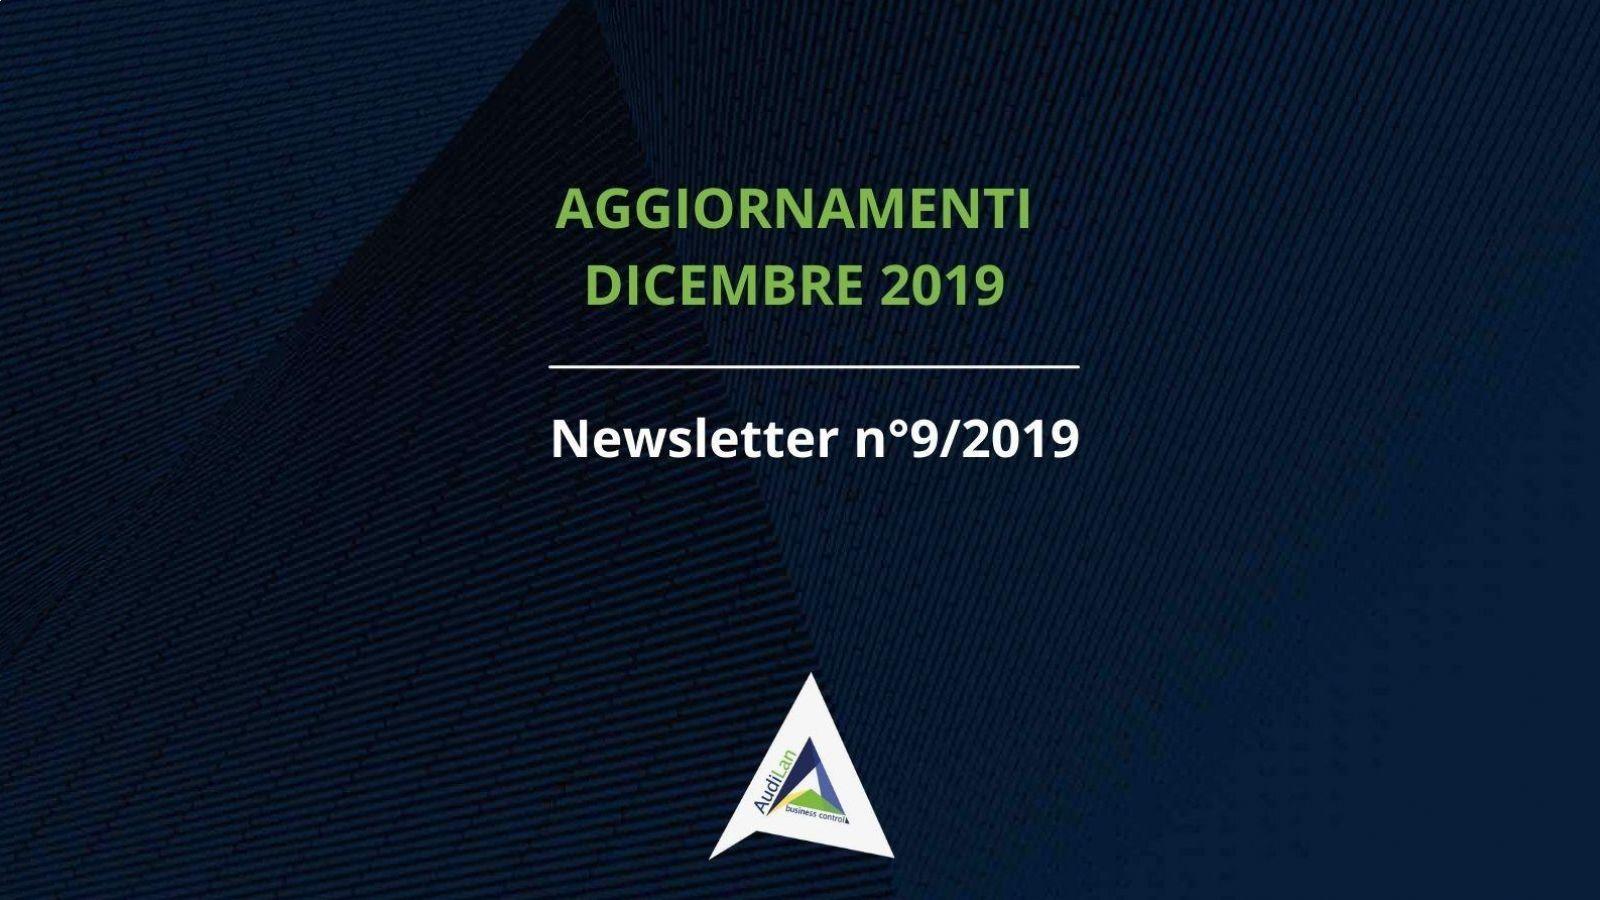 Aggiornamenti Dicembre 2019